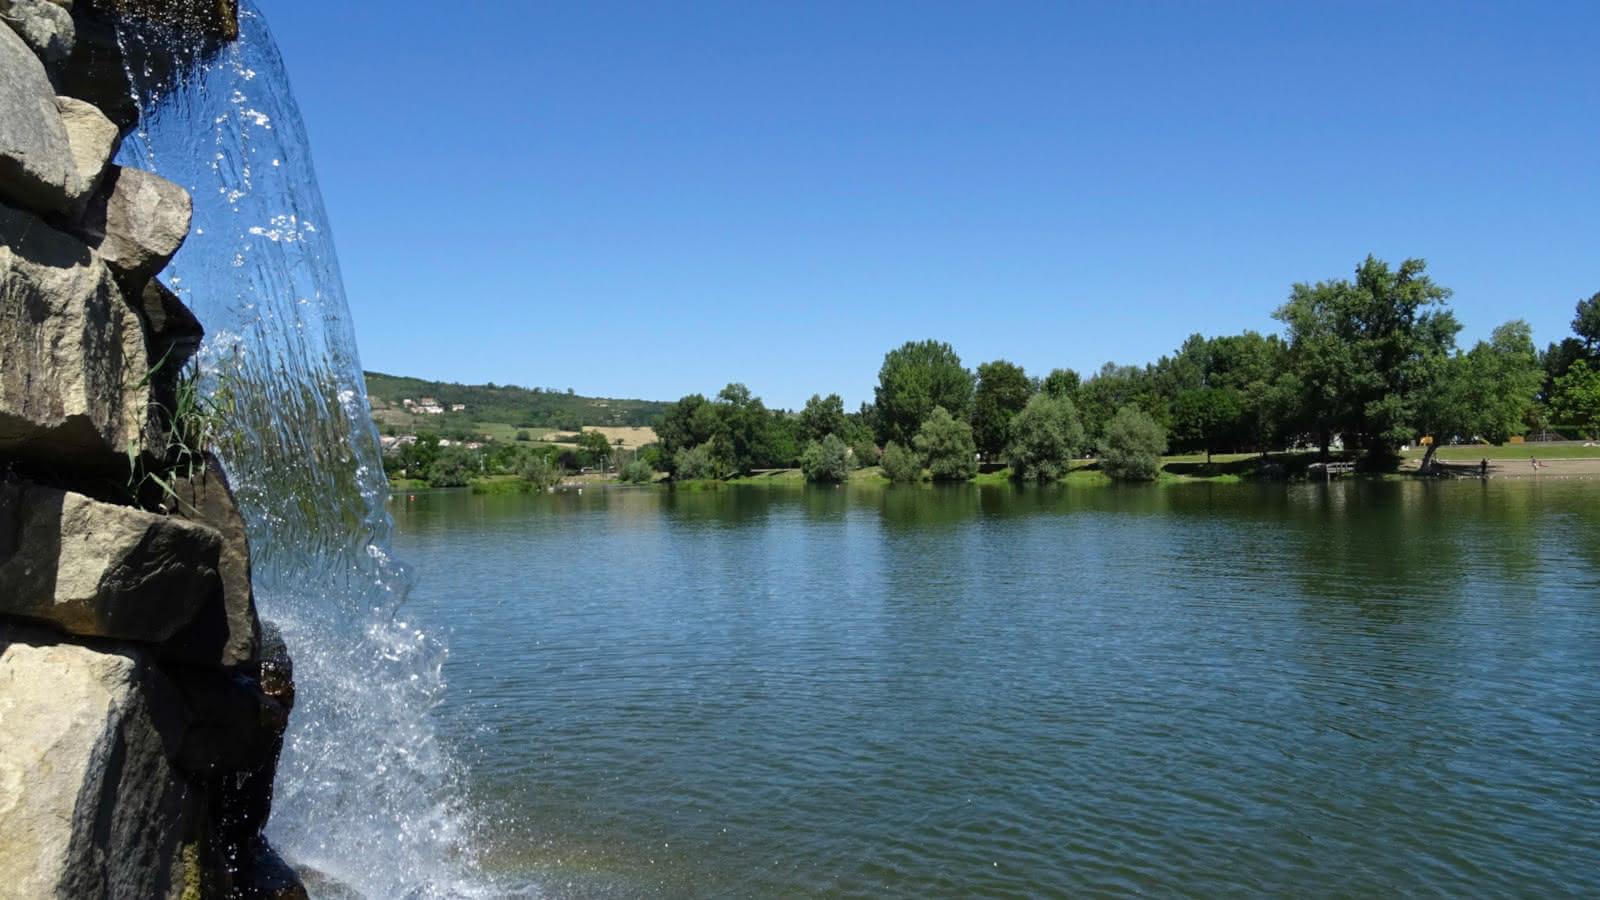 © Plan d'eau de Cournon - zone de loisirs